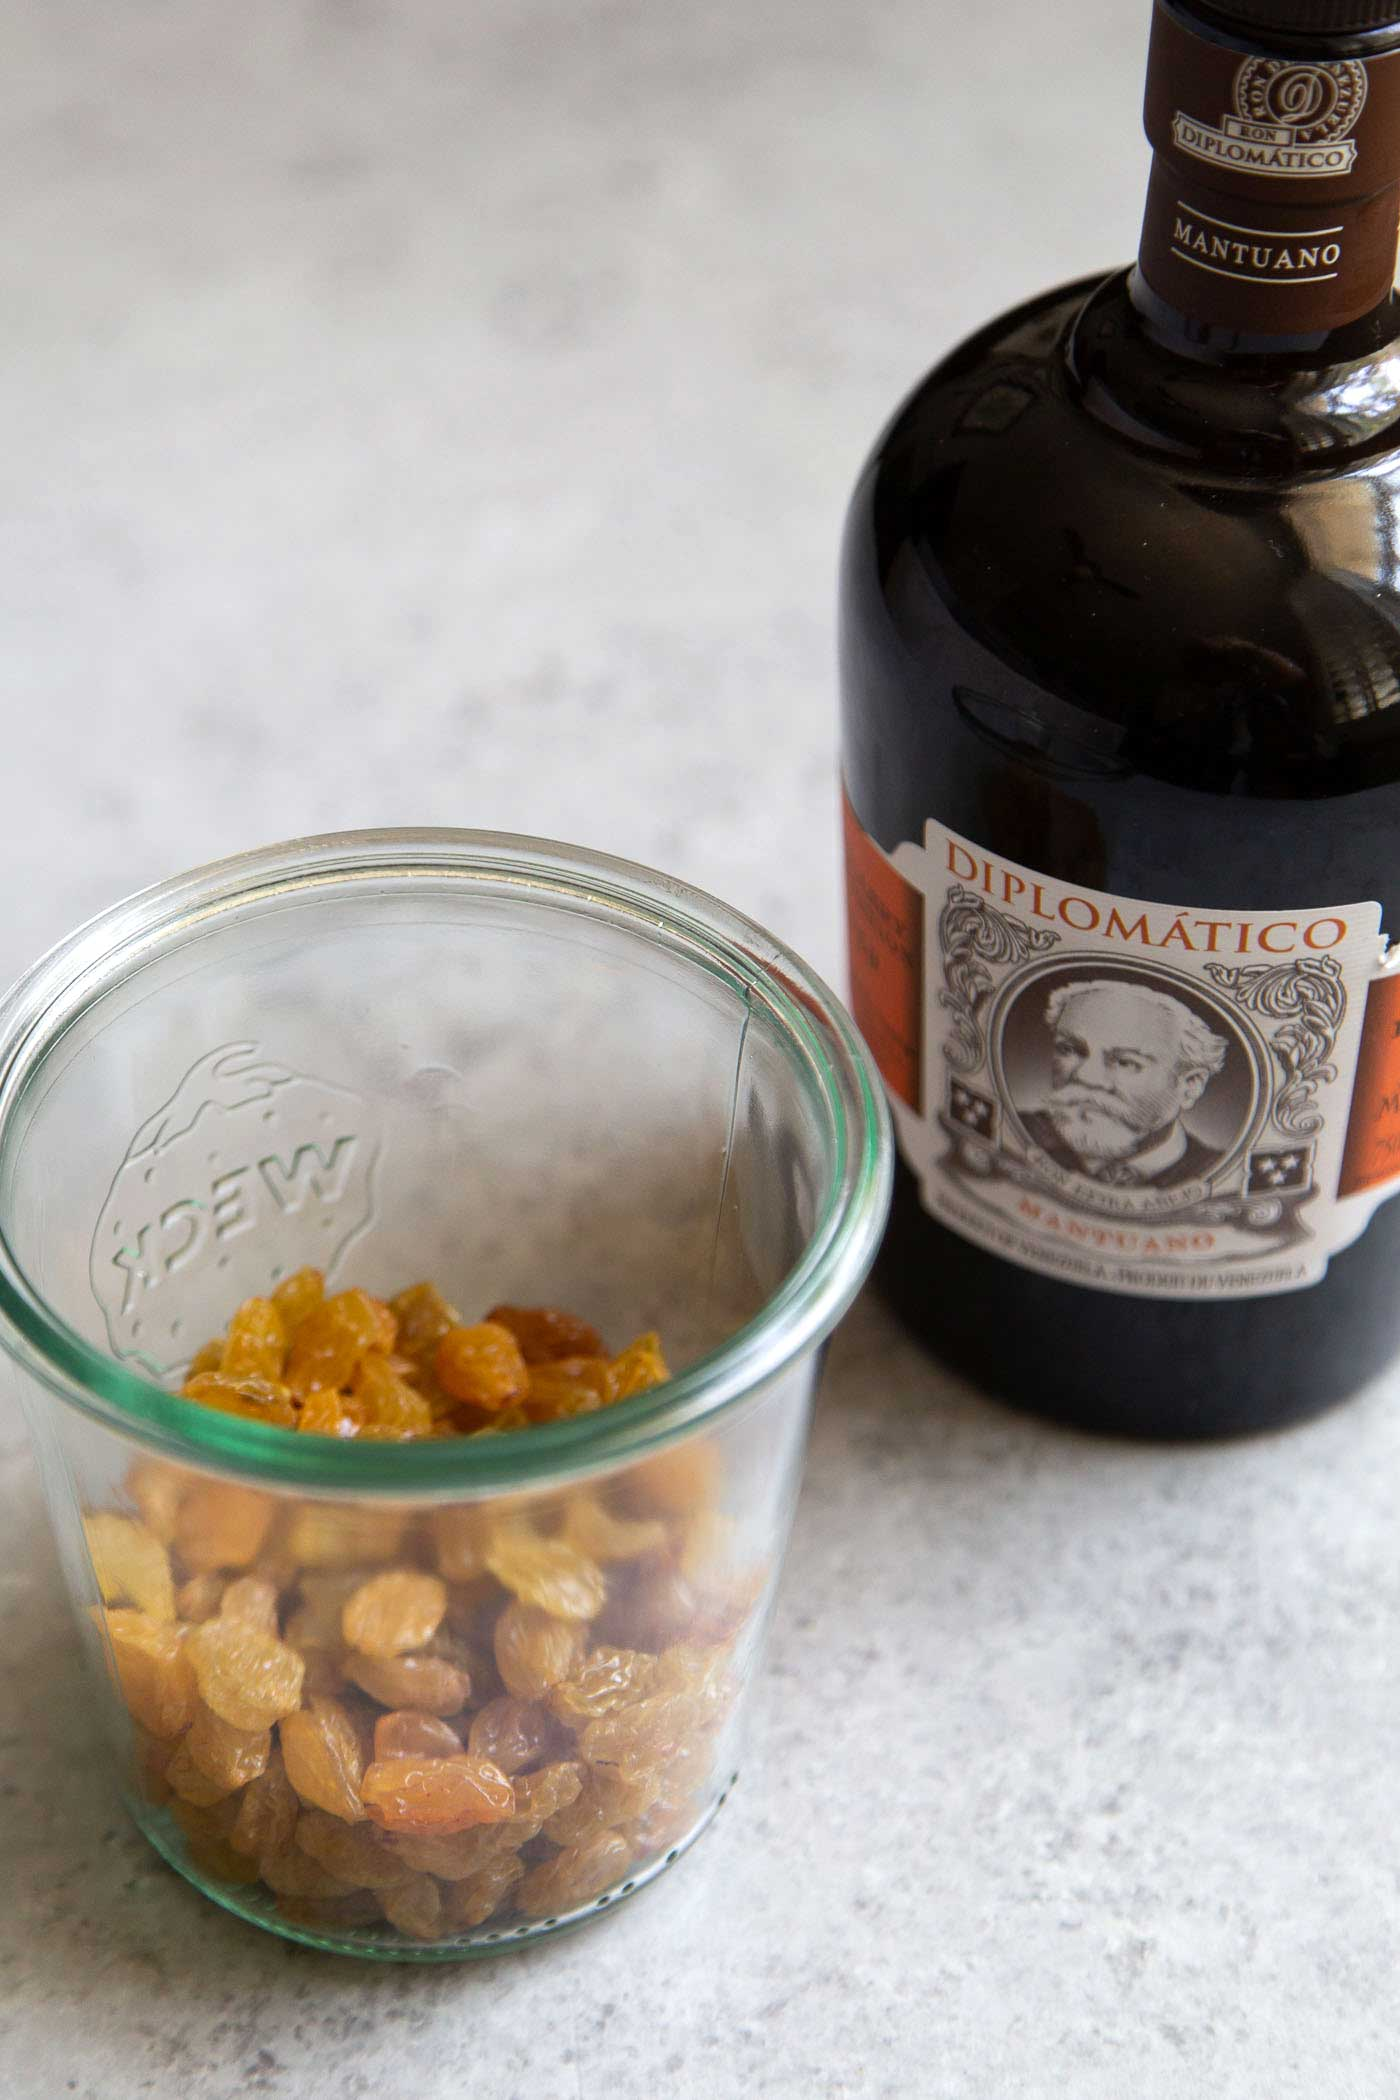 Golden raisins soaked in rum